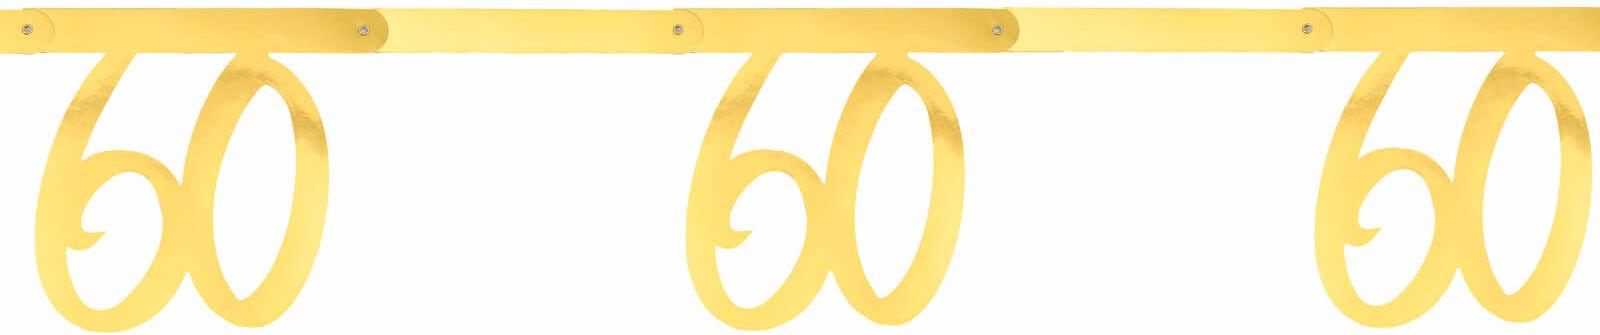 Girlanda na sześćdziesiąte urodziny złota - 250 cm - 1 szt.